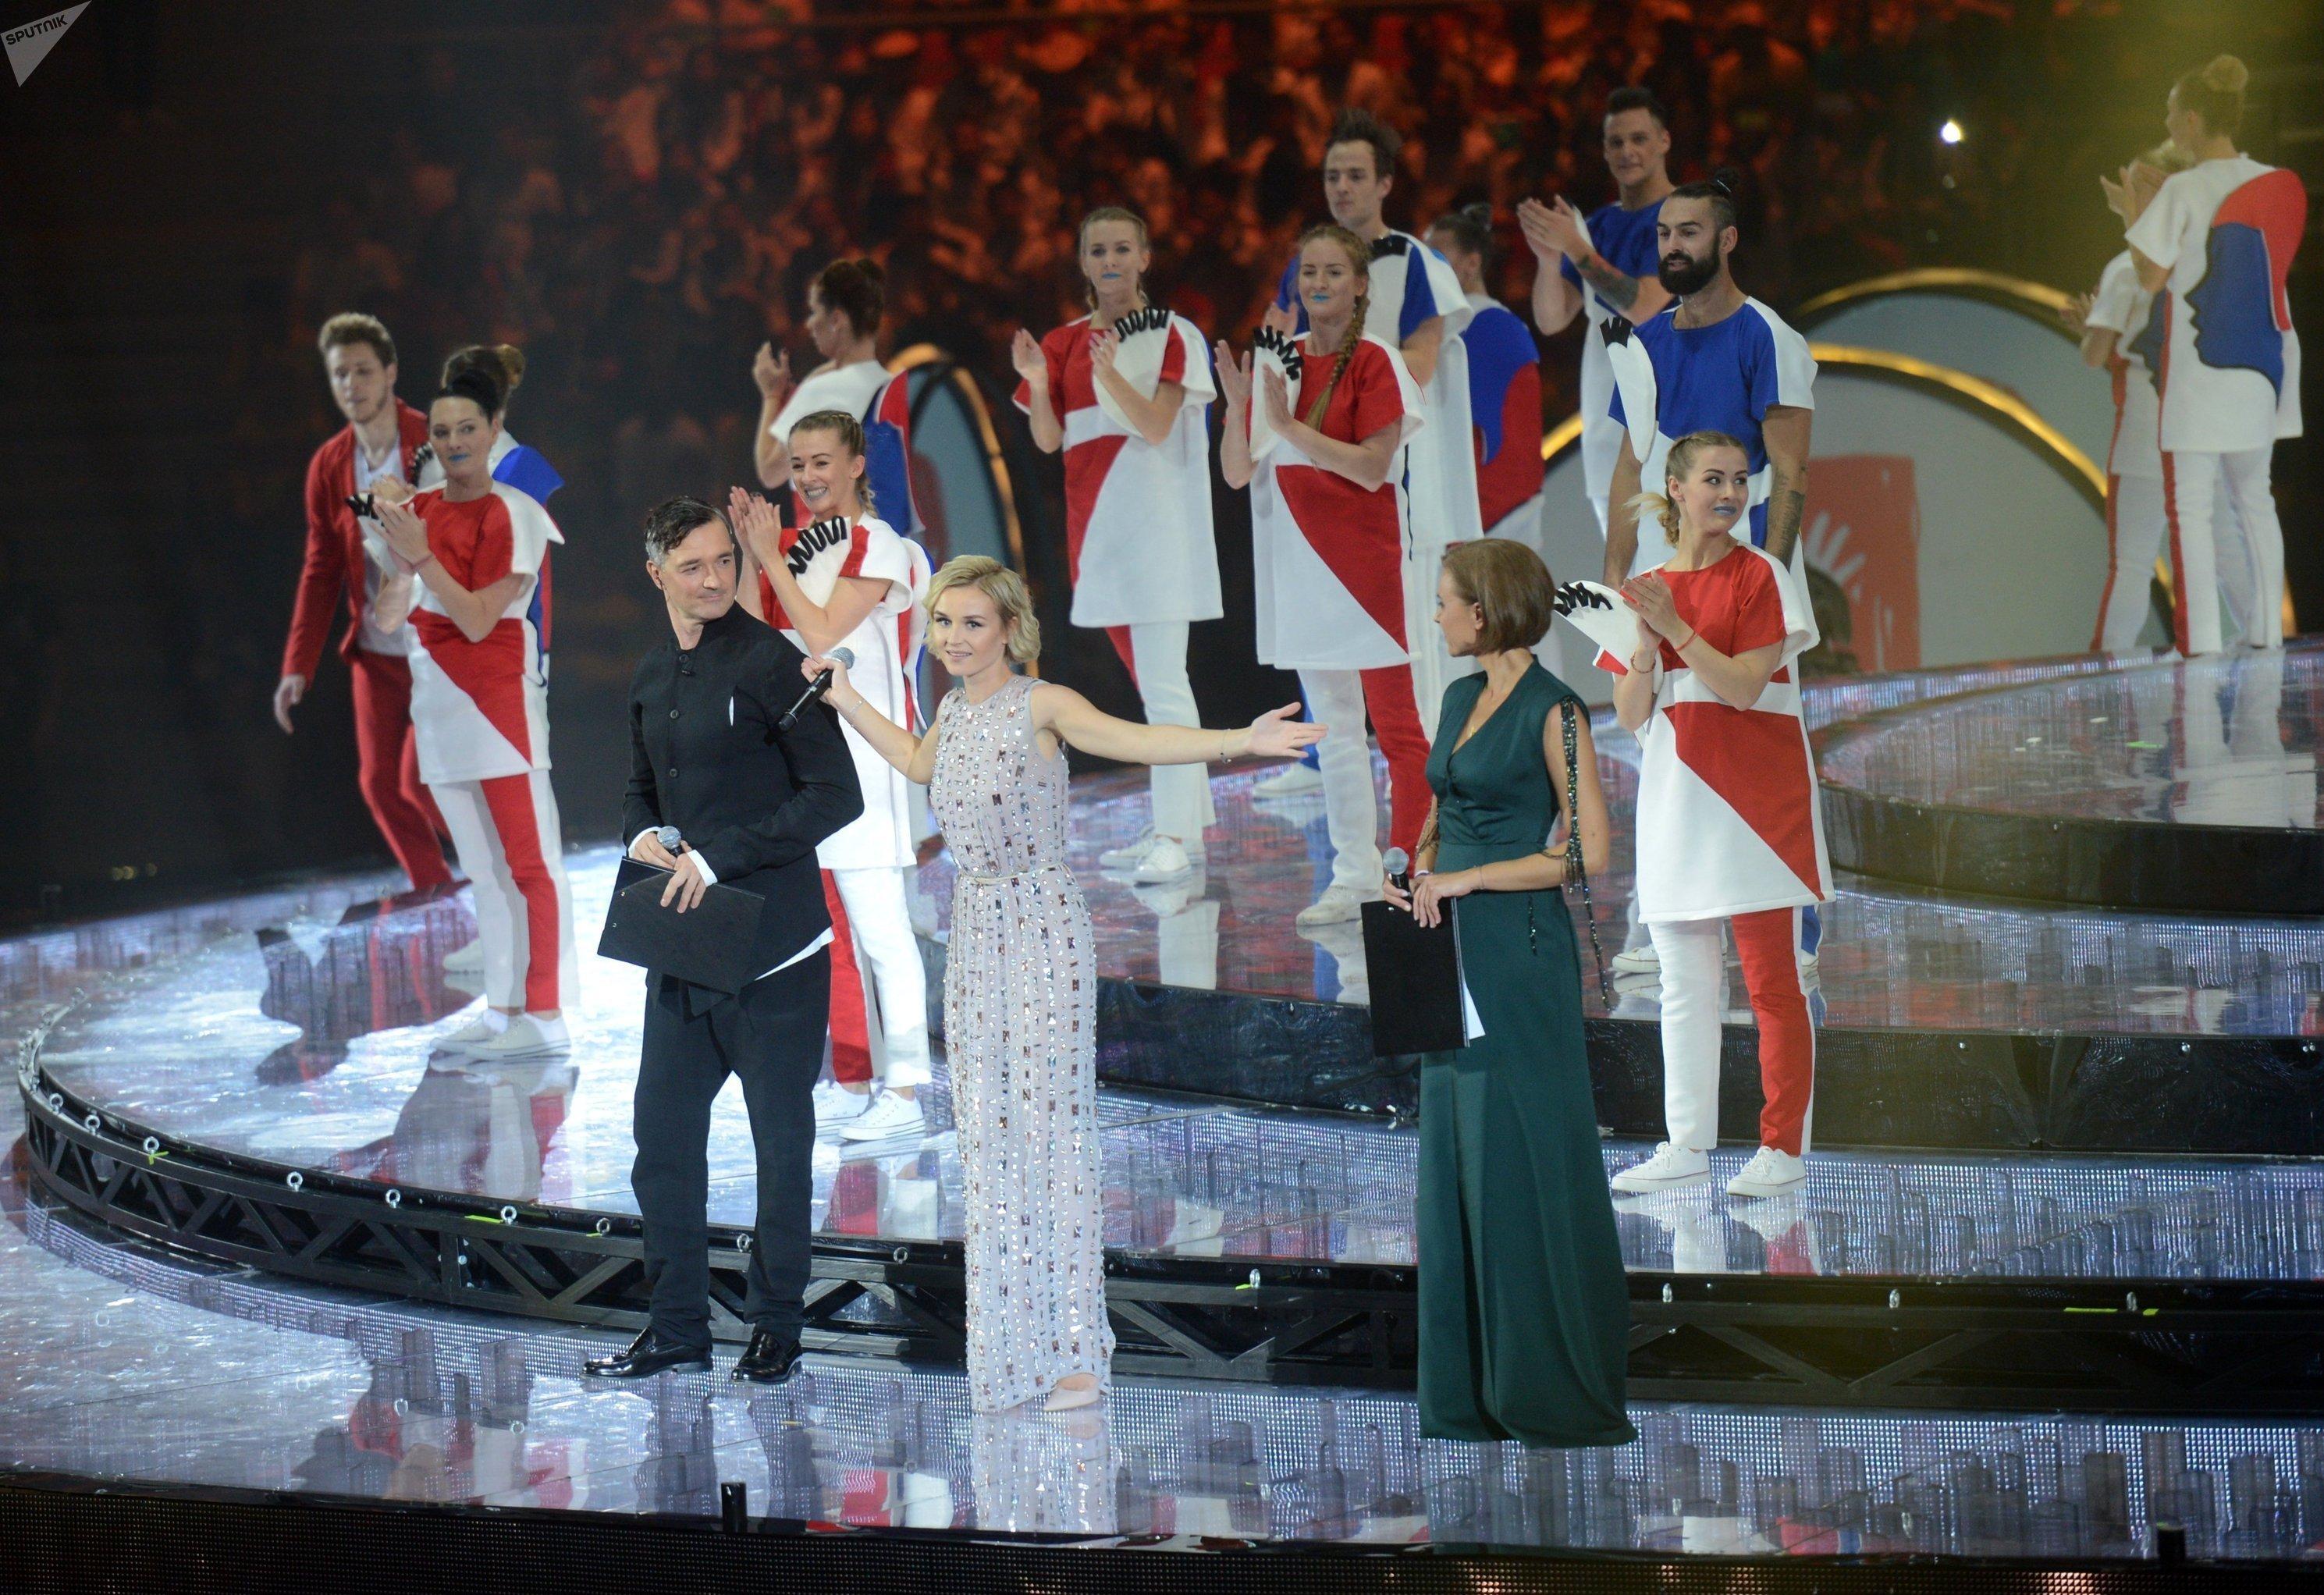 Актеры Егор Бероев и Ксения Алферова (справа на первом плане) и певица Полина Гагарина (в центре)